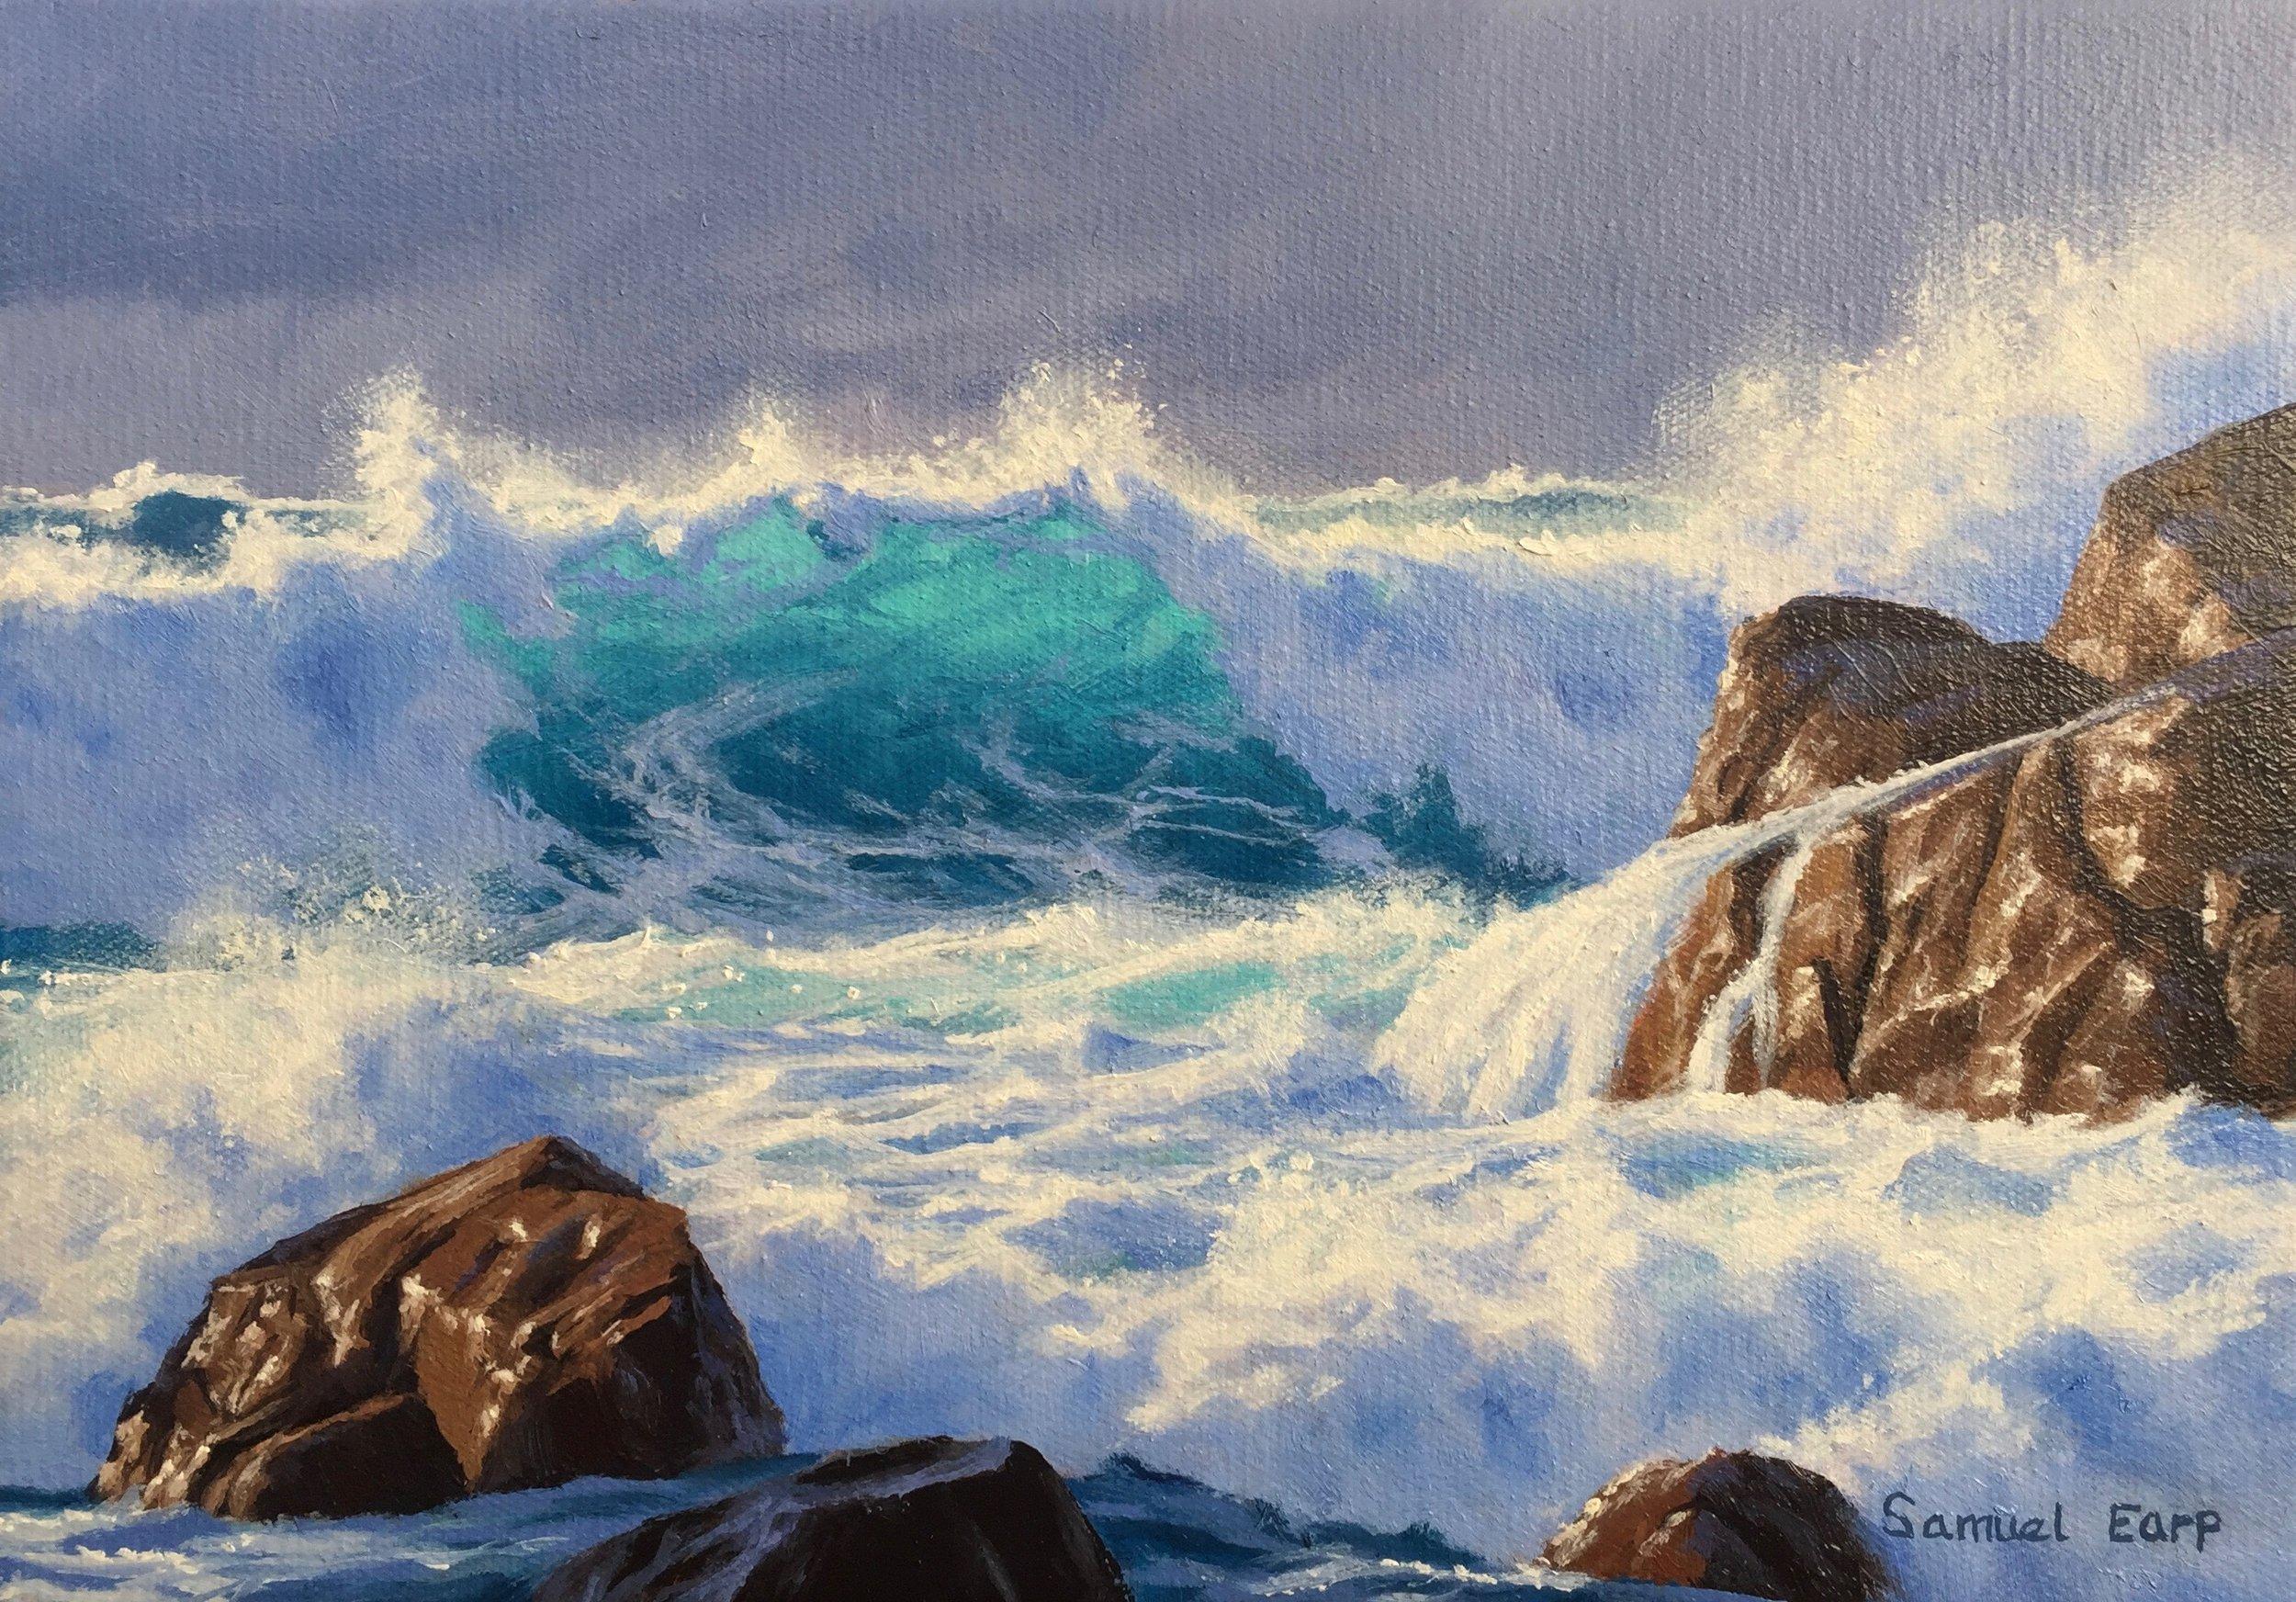 Atlantic Storm - seascape oil painting - Samuel Earp.jpg